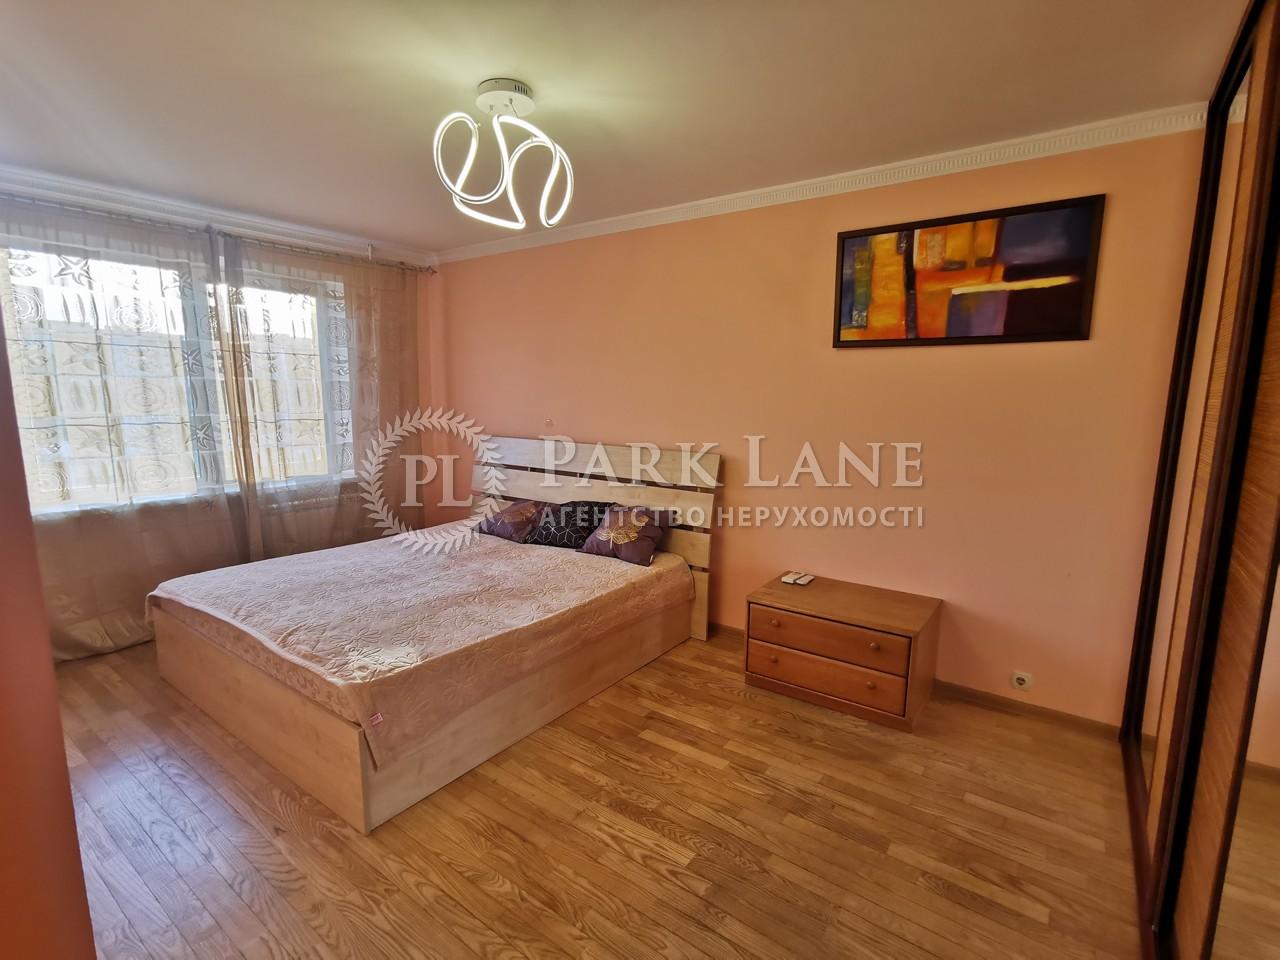 Квартира ул. Приозерная, 4, Киев, R-40024 - Фото 9